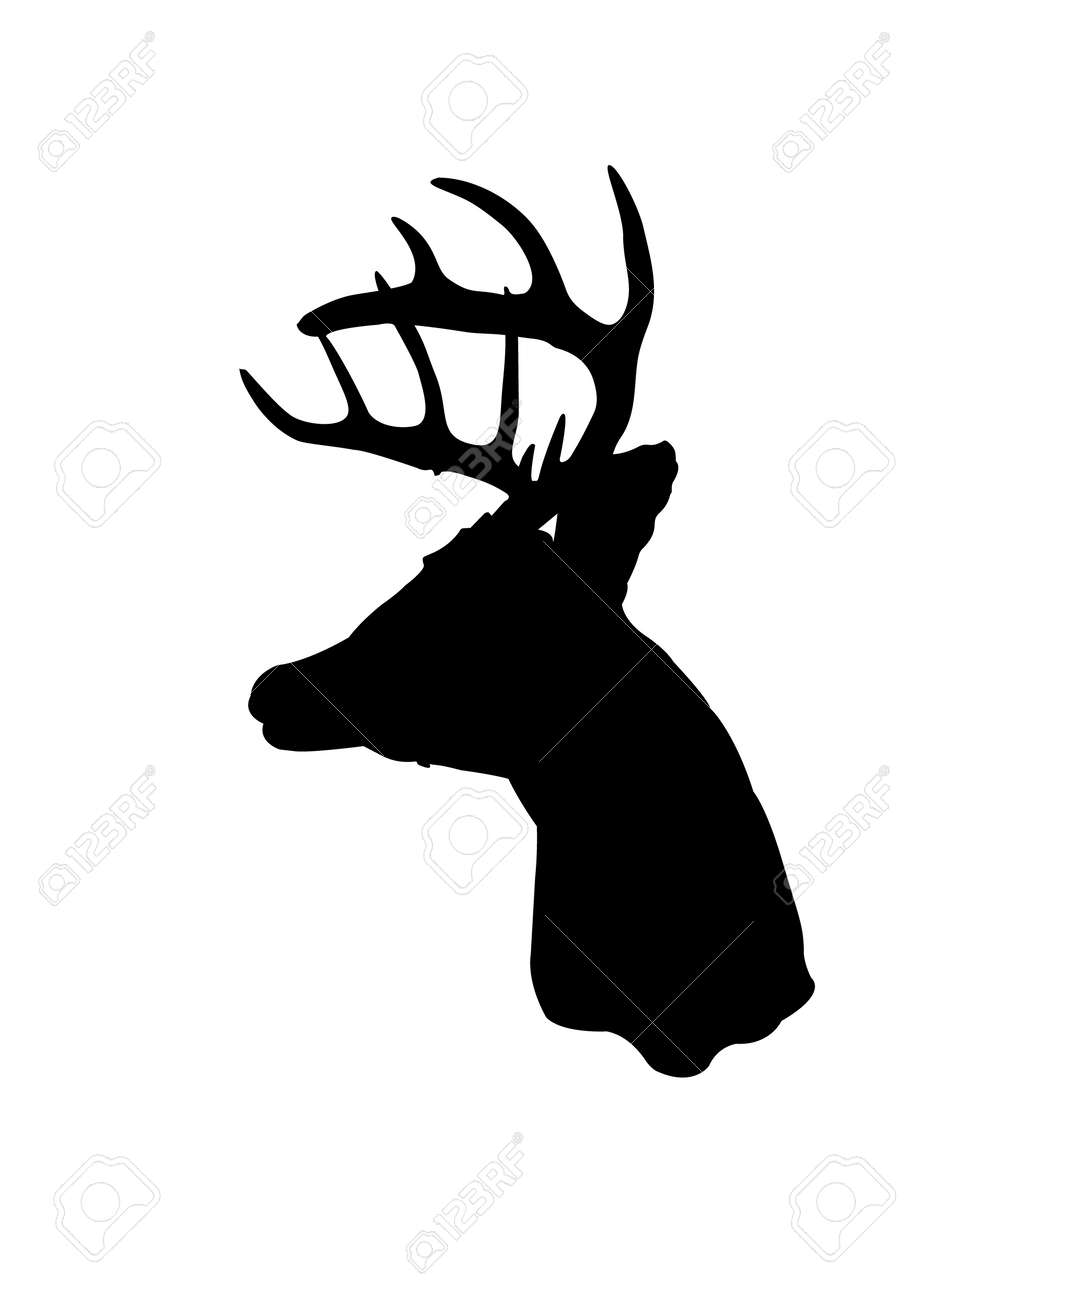 negro silueta de una imagen prediseñada venado cola blanca